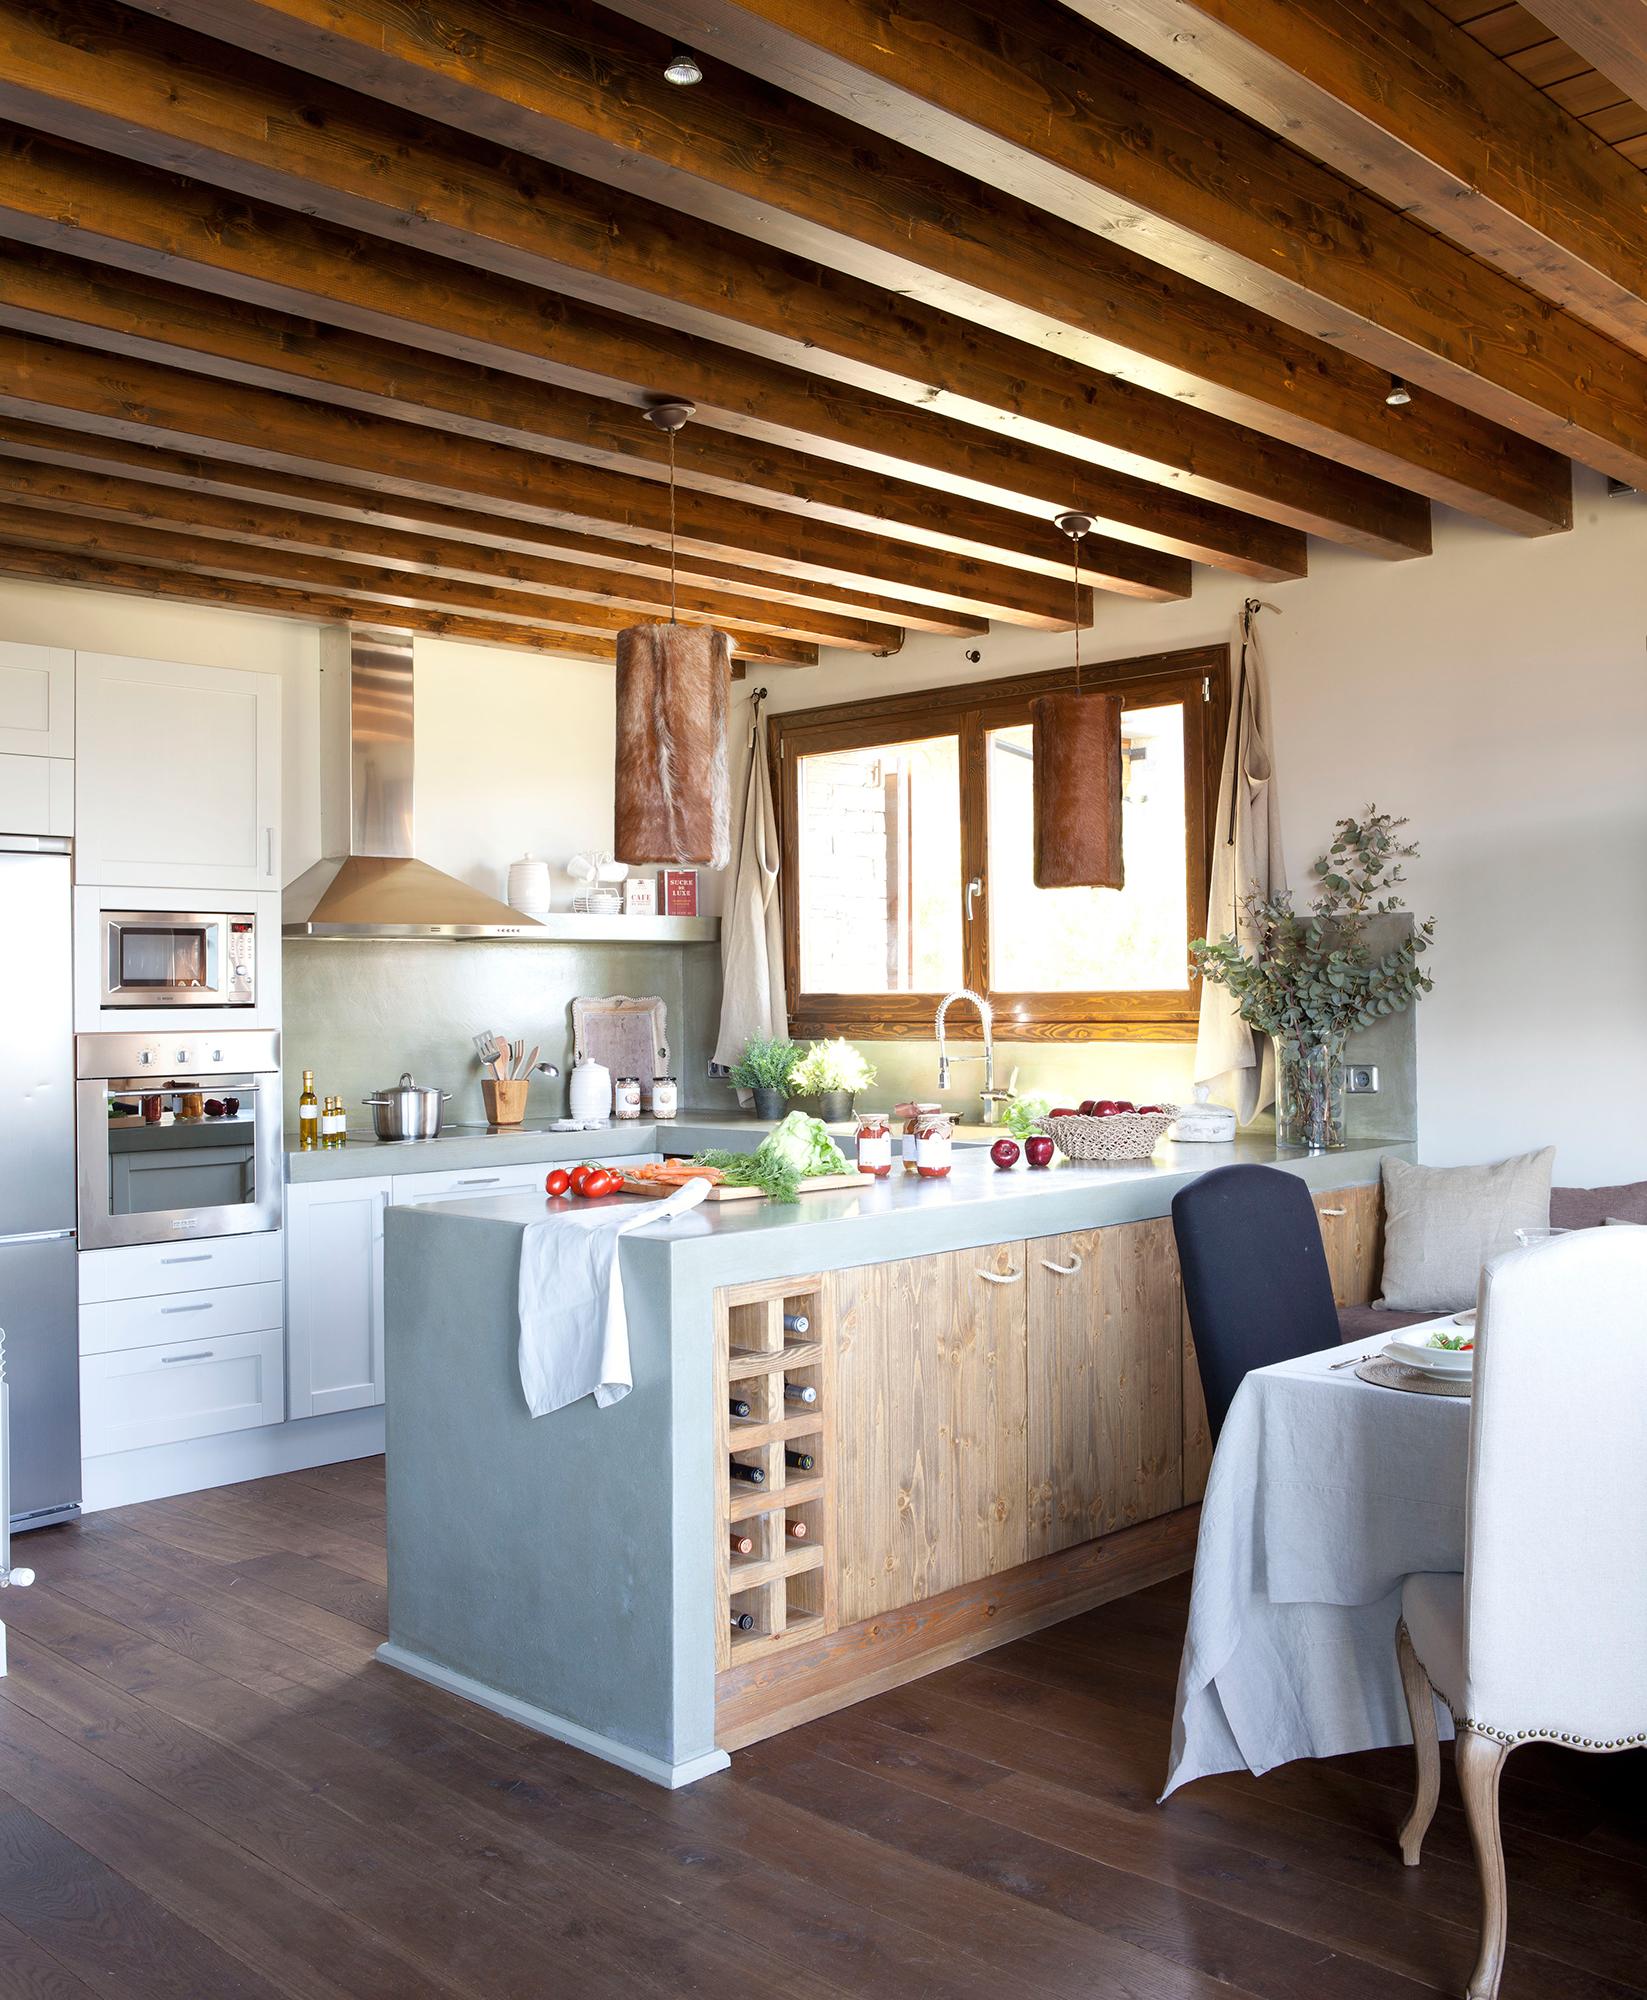 Cocinas las 50 mejores de el mueble - Techos con vigas de madera ...